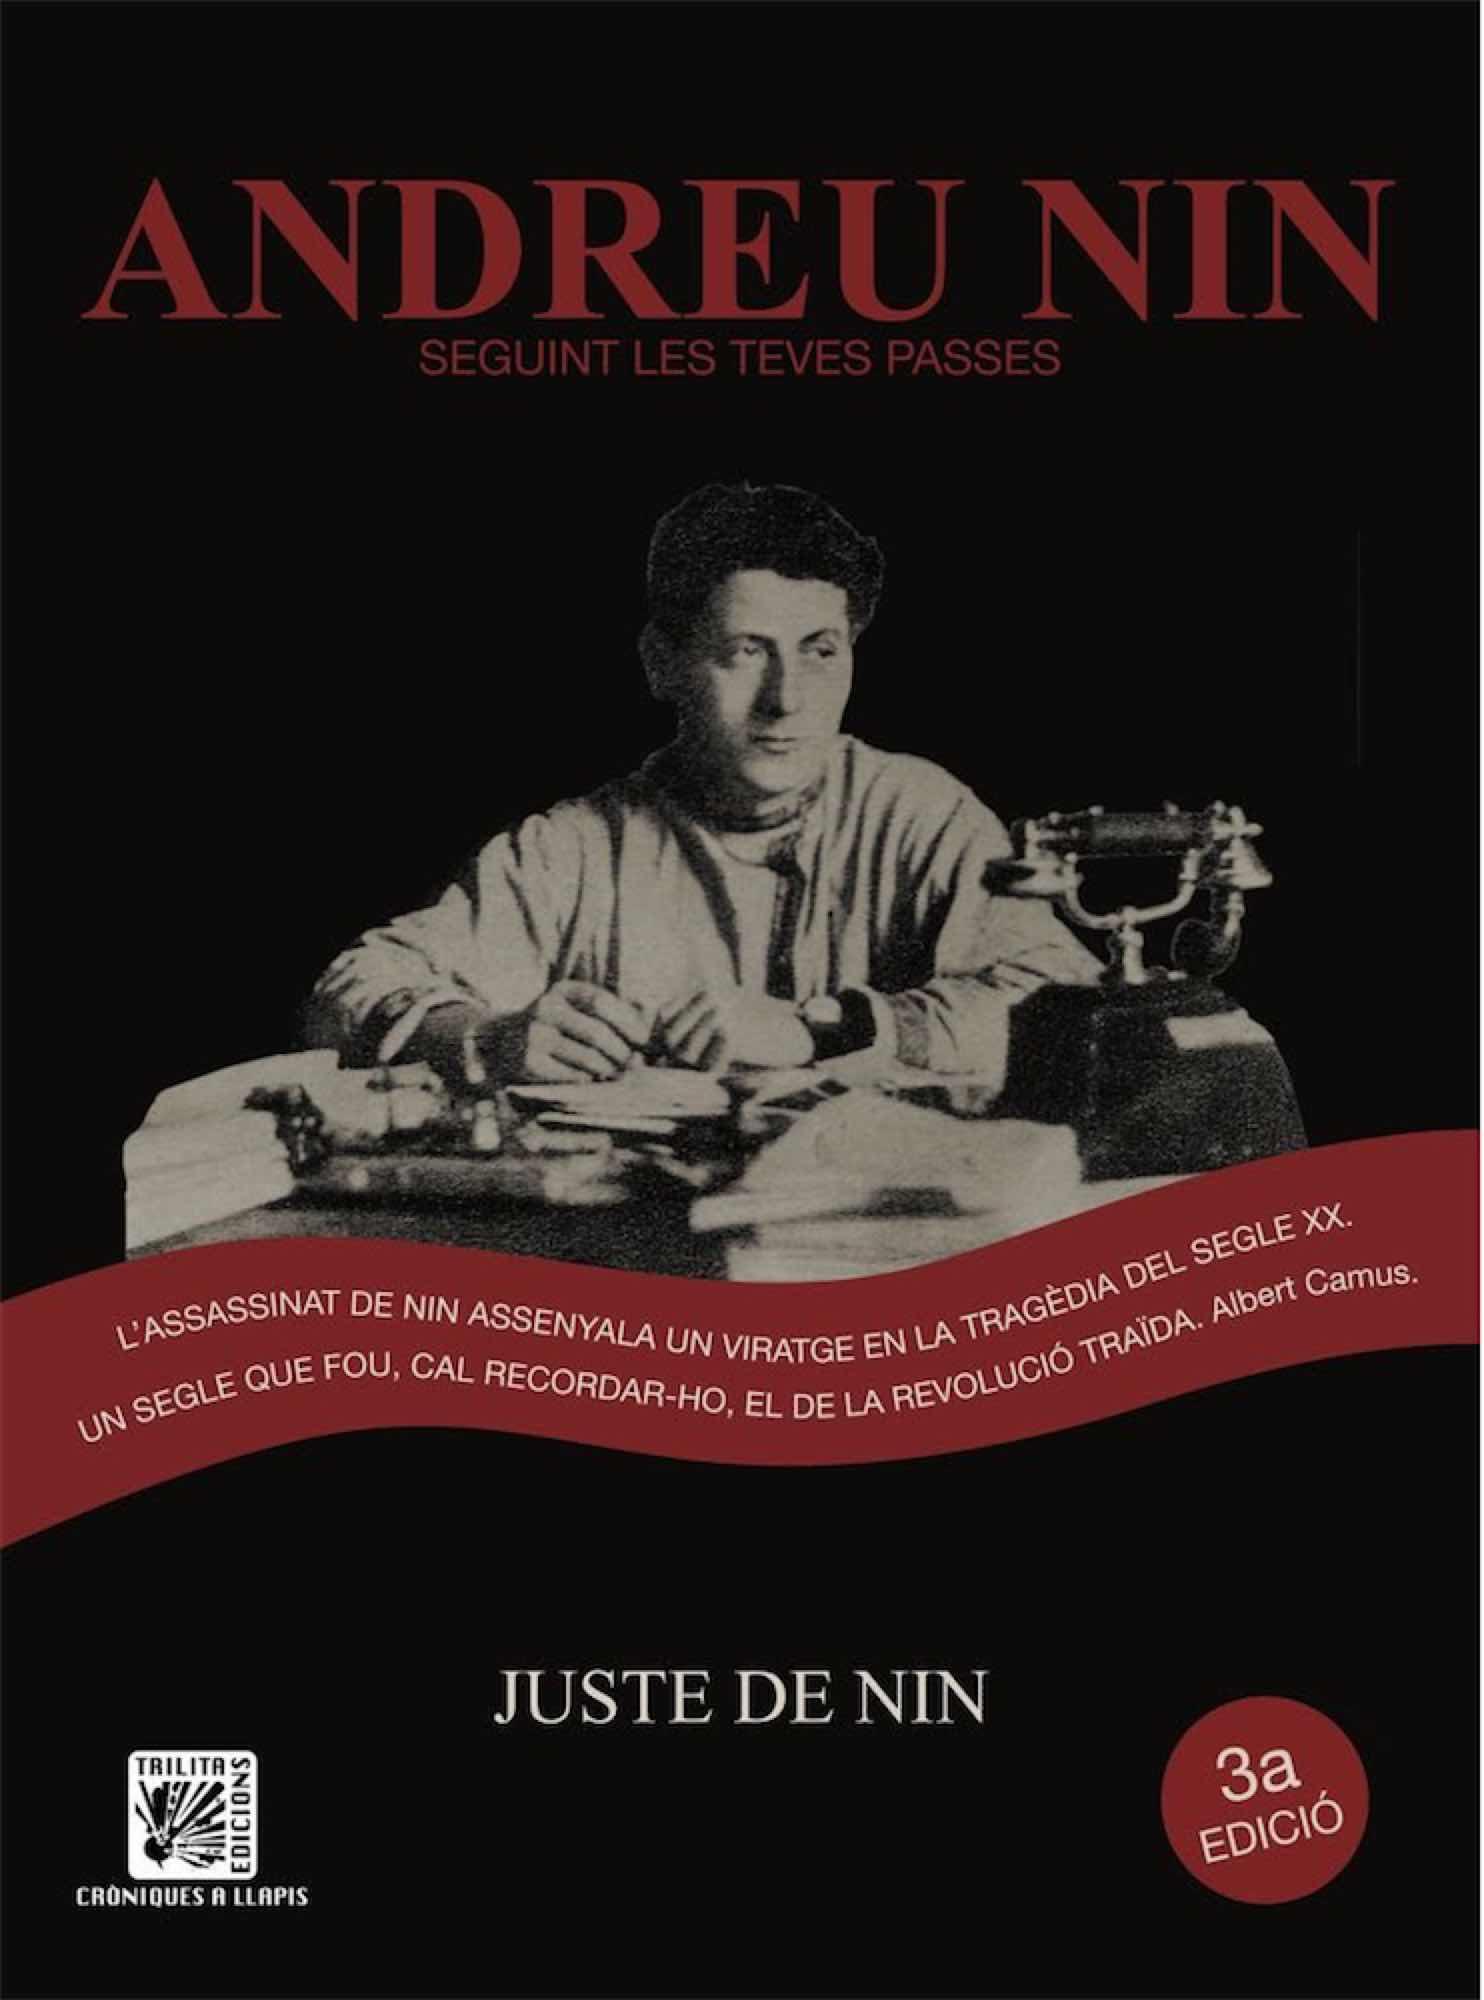 ANDREU NIN, SEGUINT LES TEVES PASSES (CATALAN)